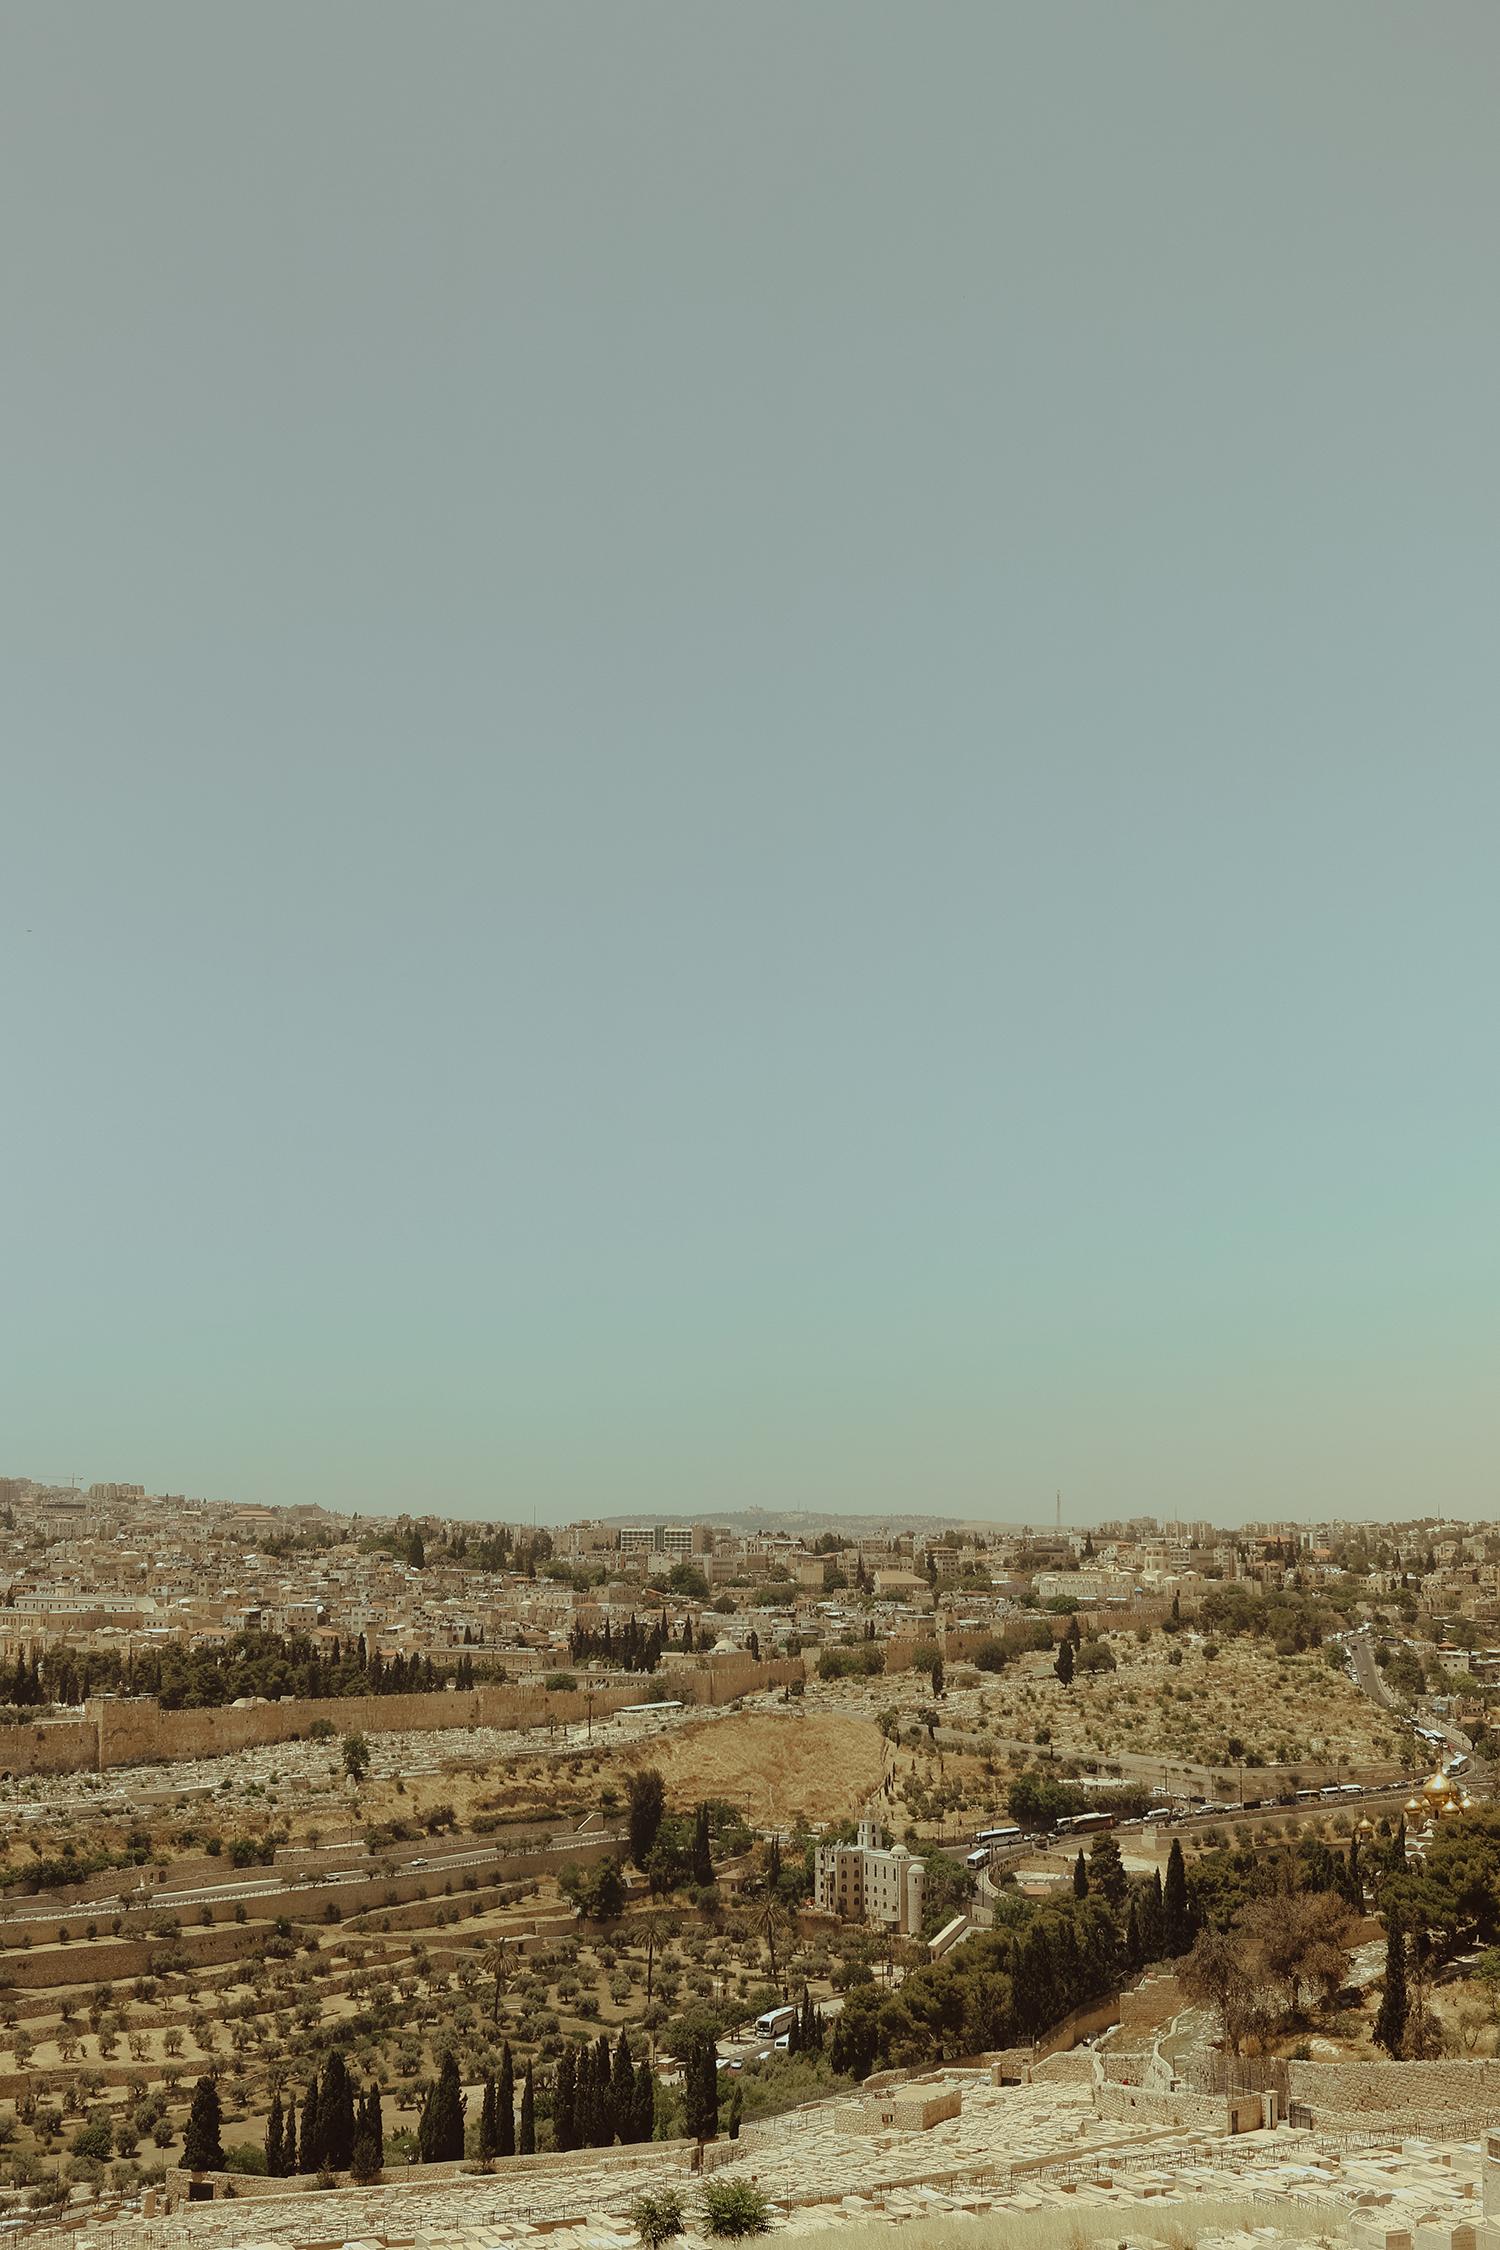 Vista Monte Degli Ulivi